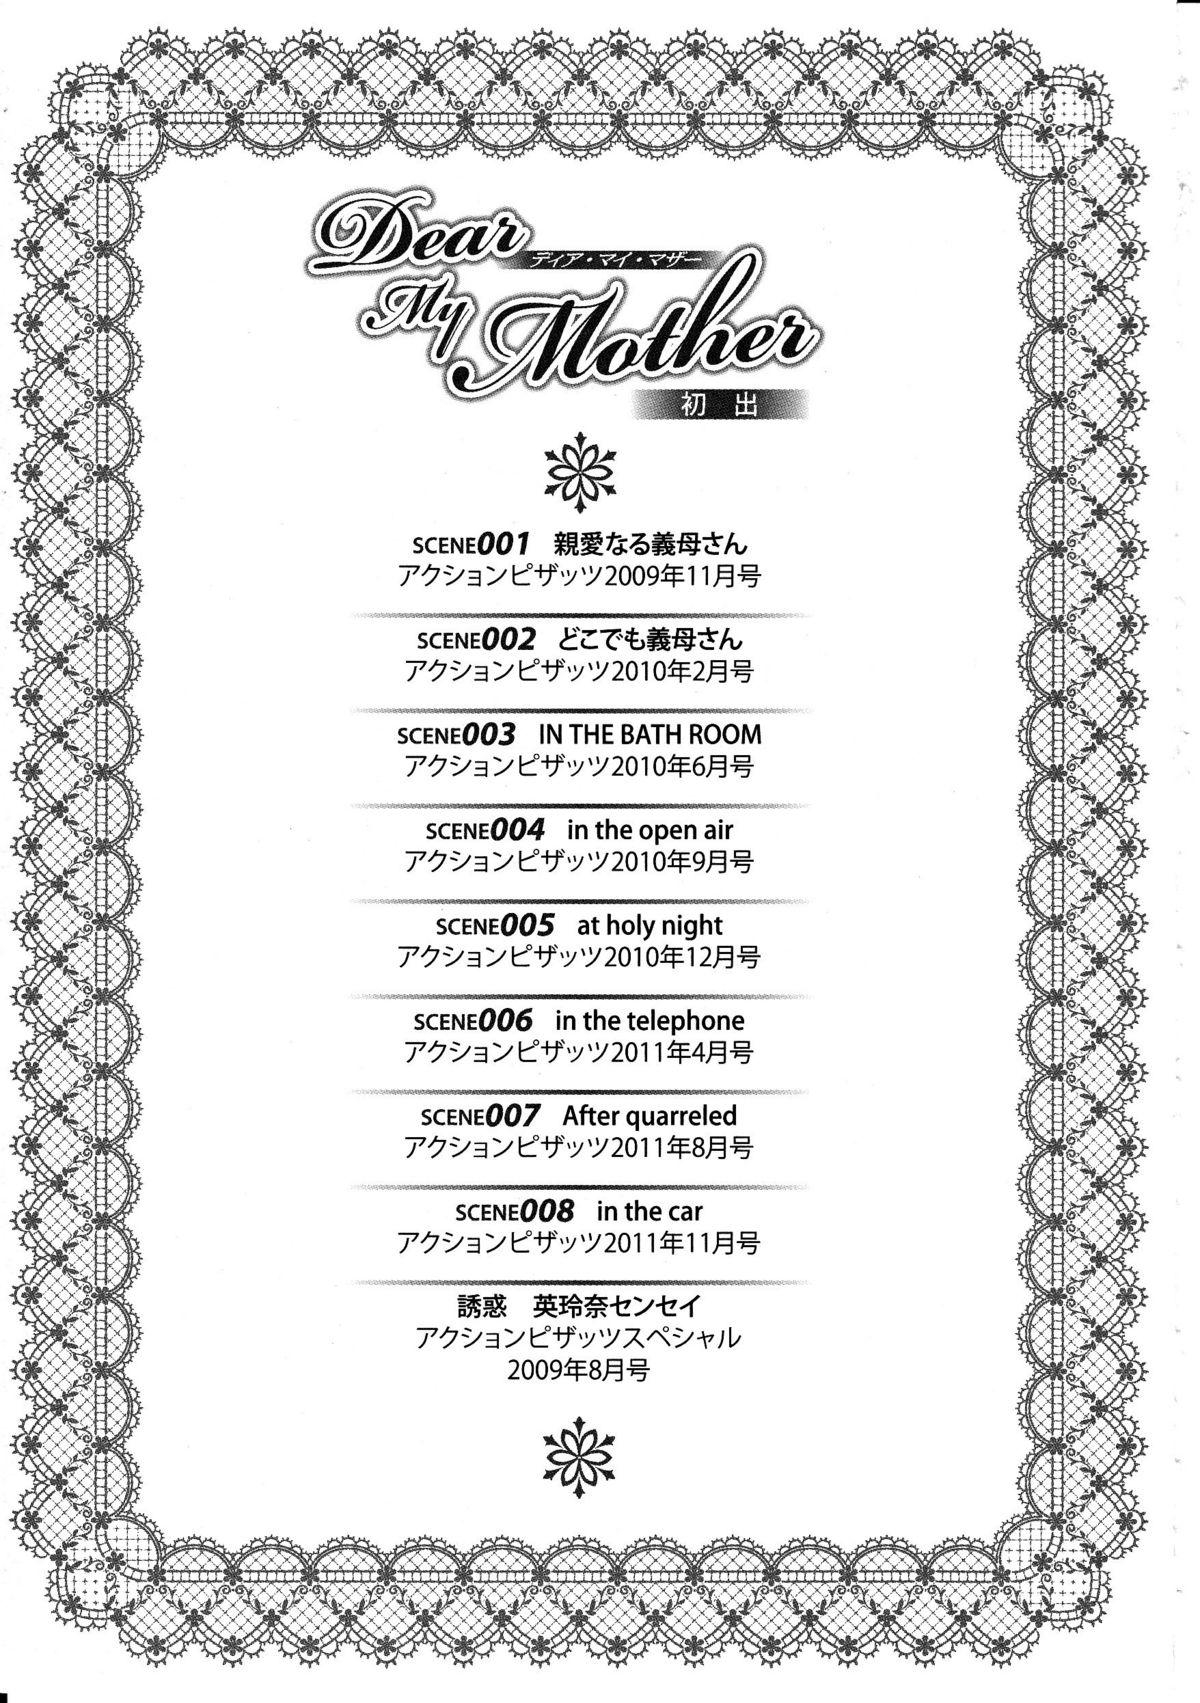 Dear My Mother 191